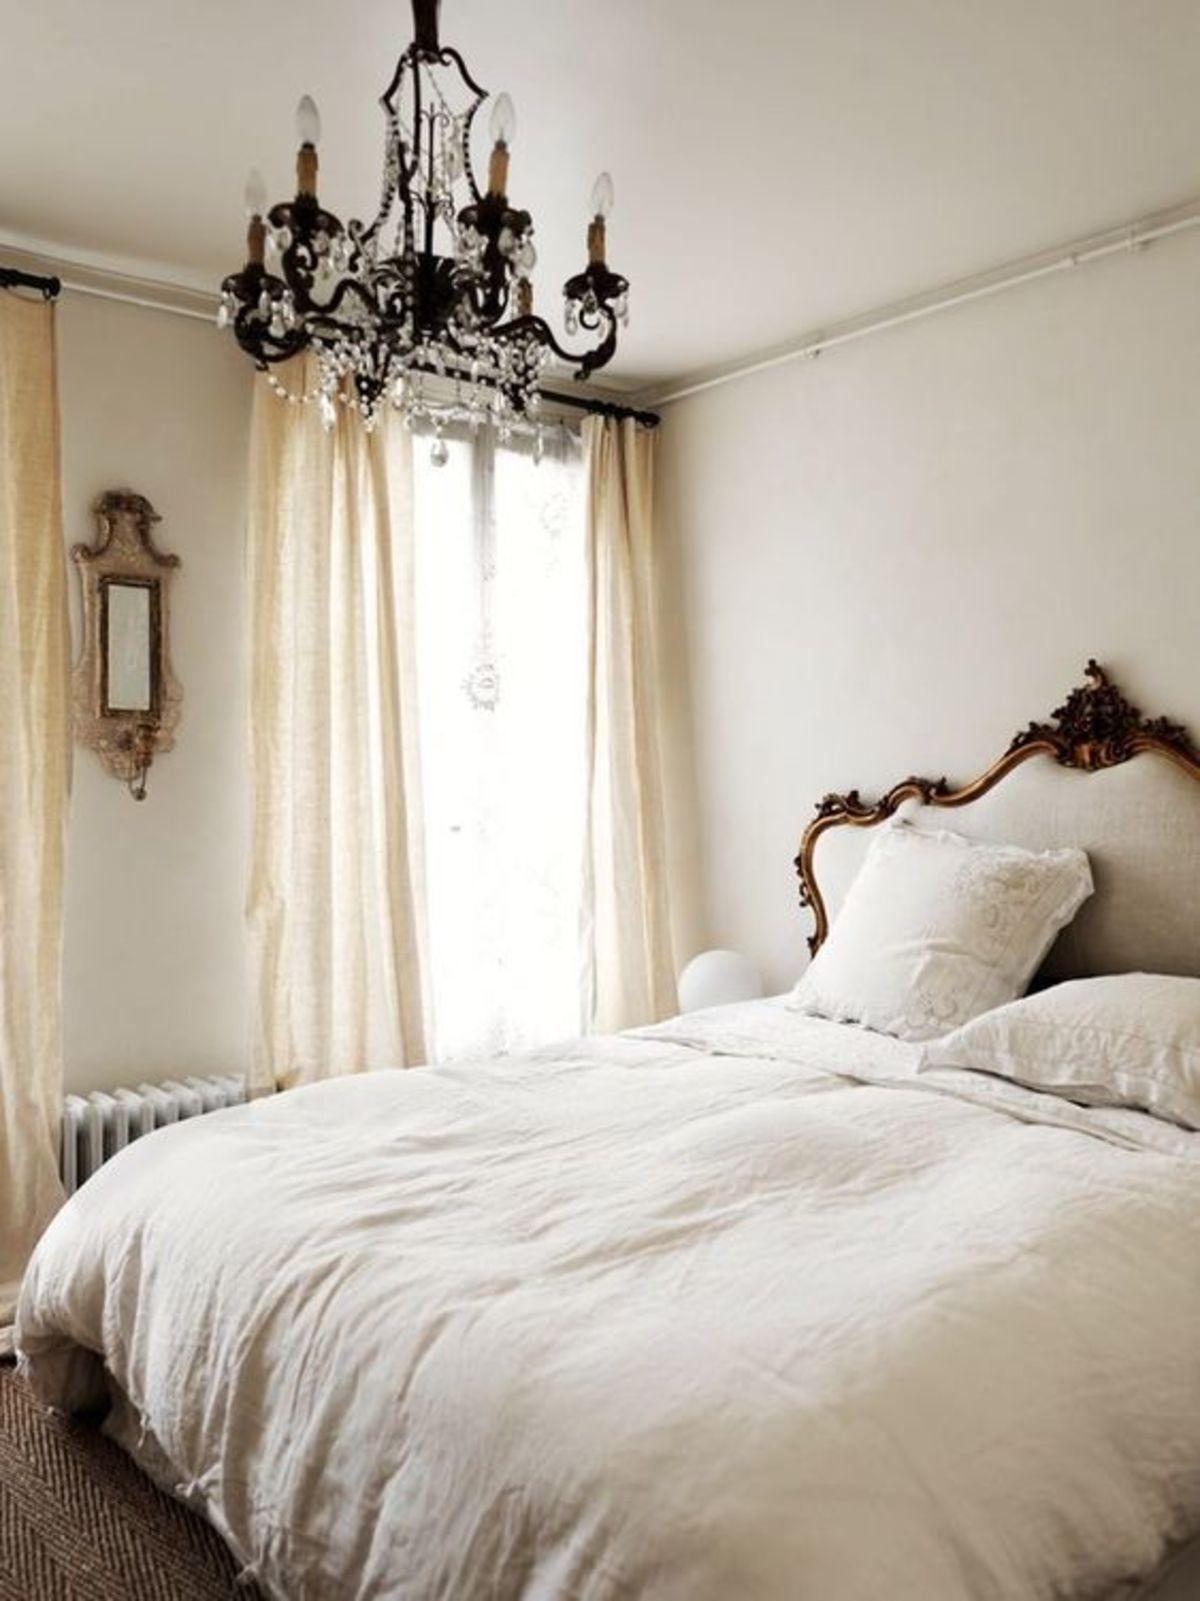 15 ý tưởng màu sắc phòng ngủ theo phong cách cổ điển ngọt ngào - Ảnh 8.